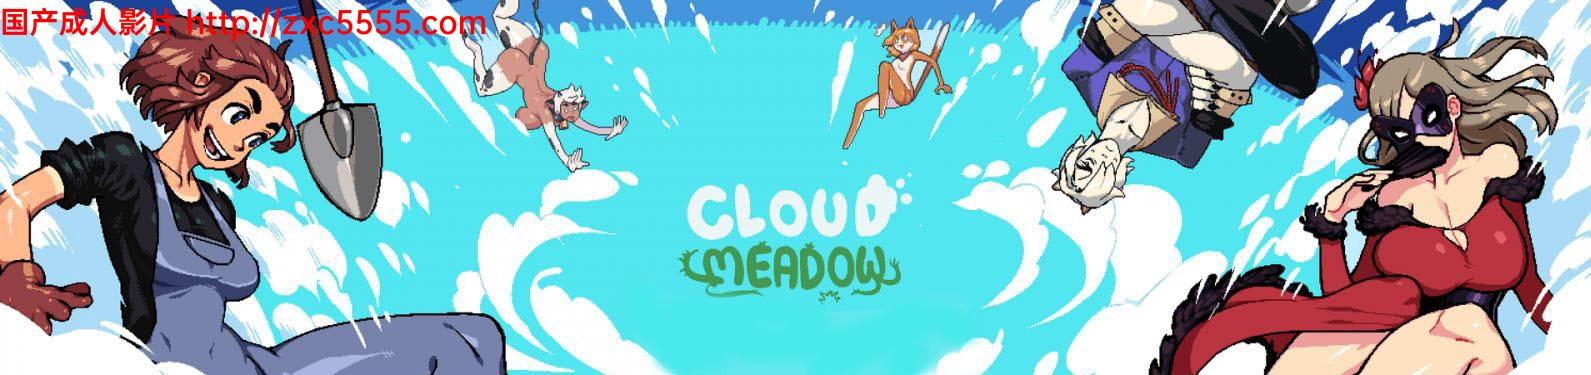 [经营SLG/汉化/动态CG]魔物娘牧场繁殖:Cloud Meadow 最终完美汉化版[百度][解压2.75G] 1